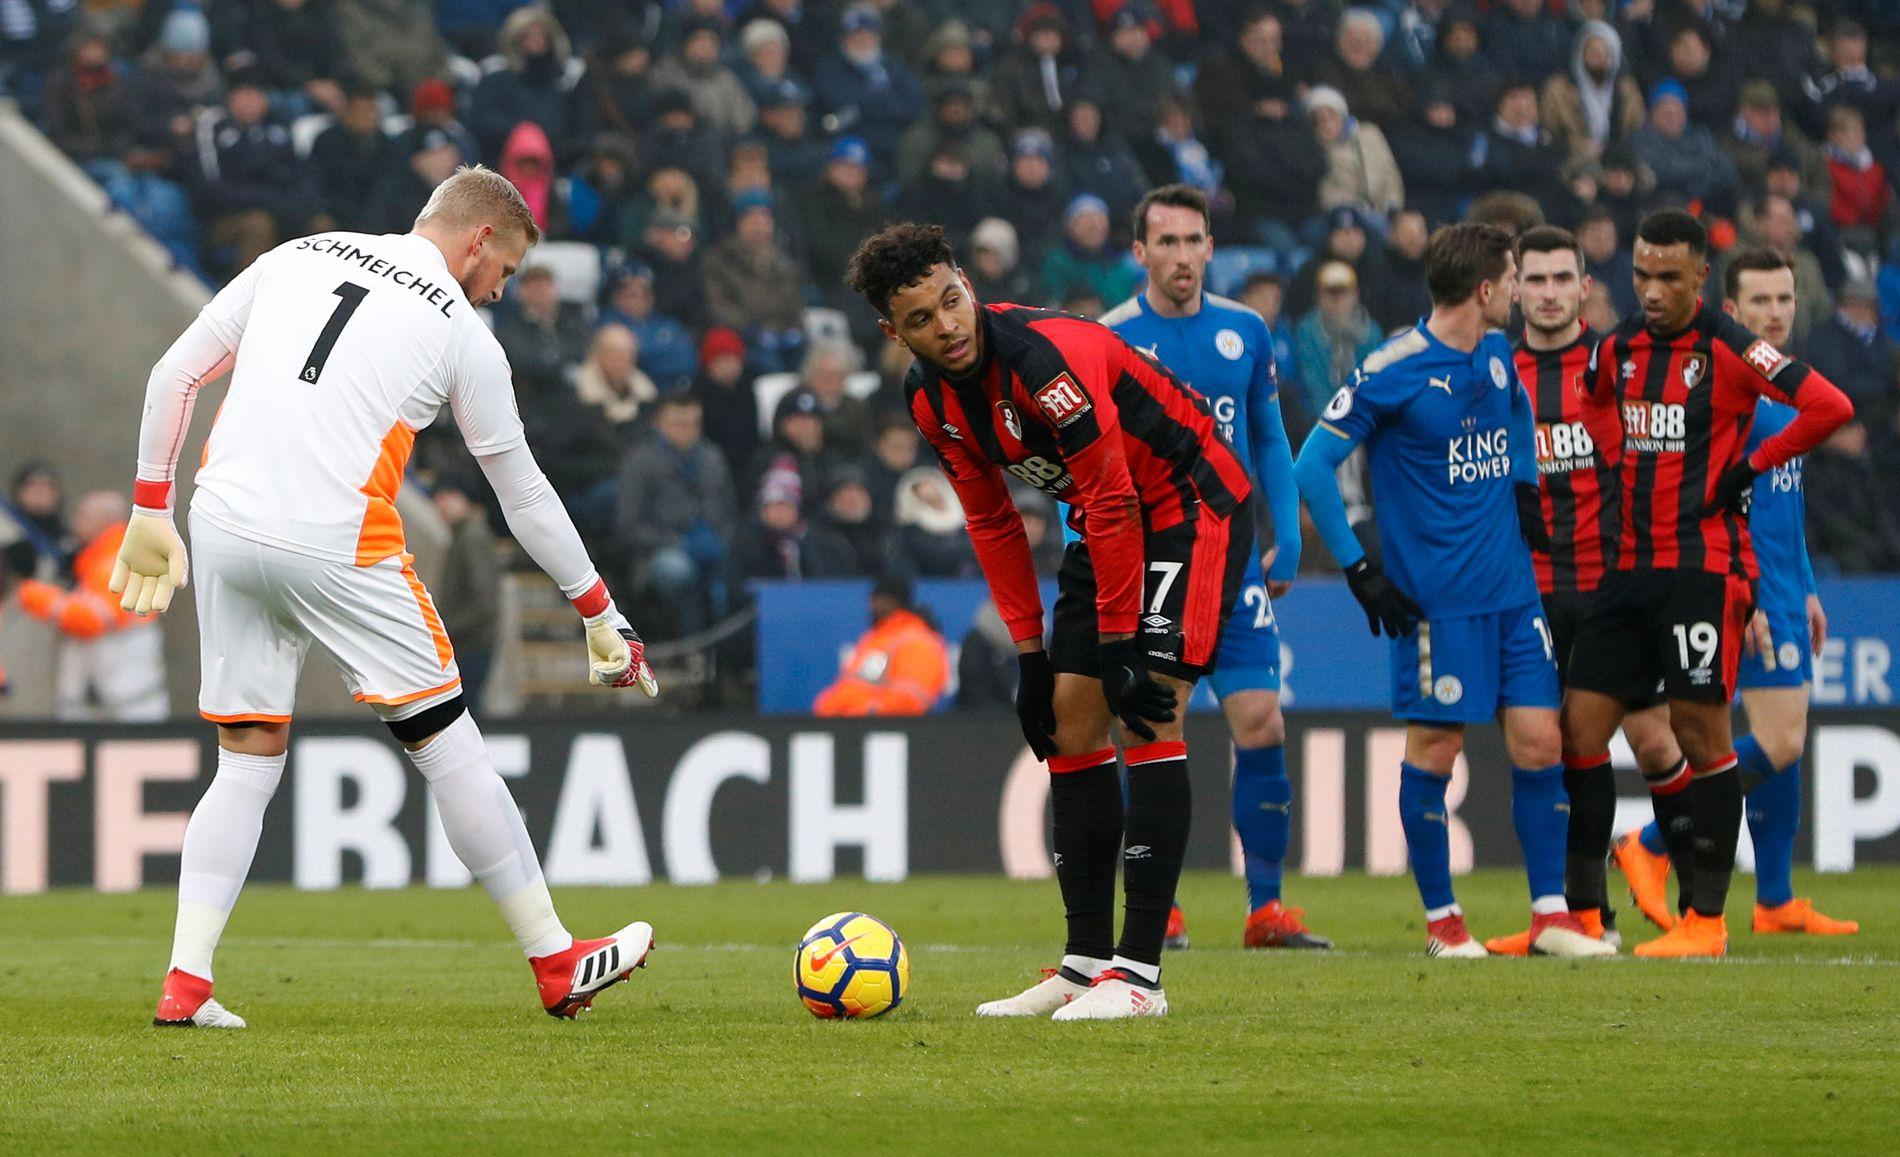 MISFORNØYD: Leicester-keeper Kasper Schmeichel mener Joshua King ikke har lagt ballen skikkelig på straffemerket. Noen sekunder senere ligger ballen i nettet.